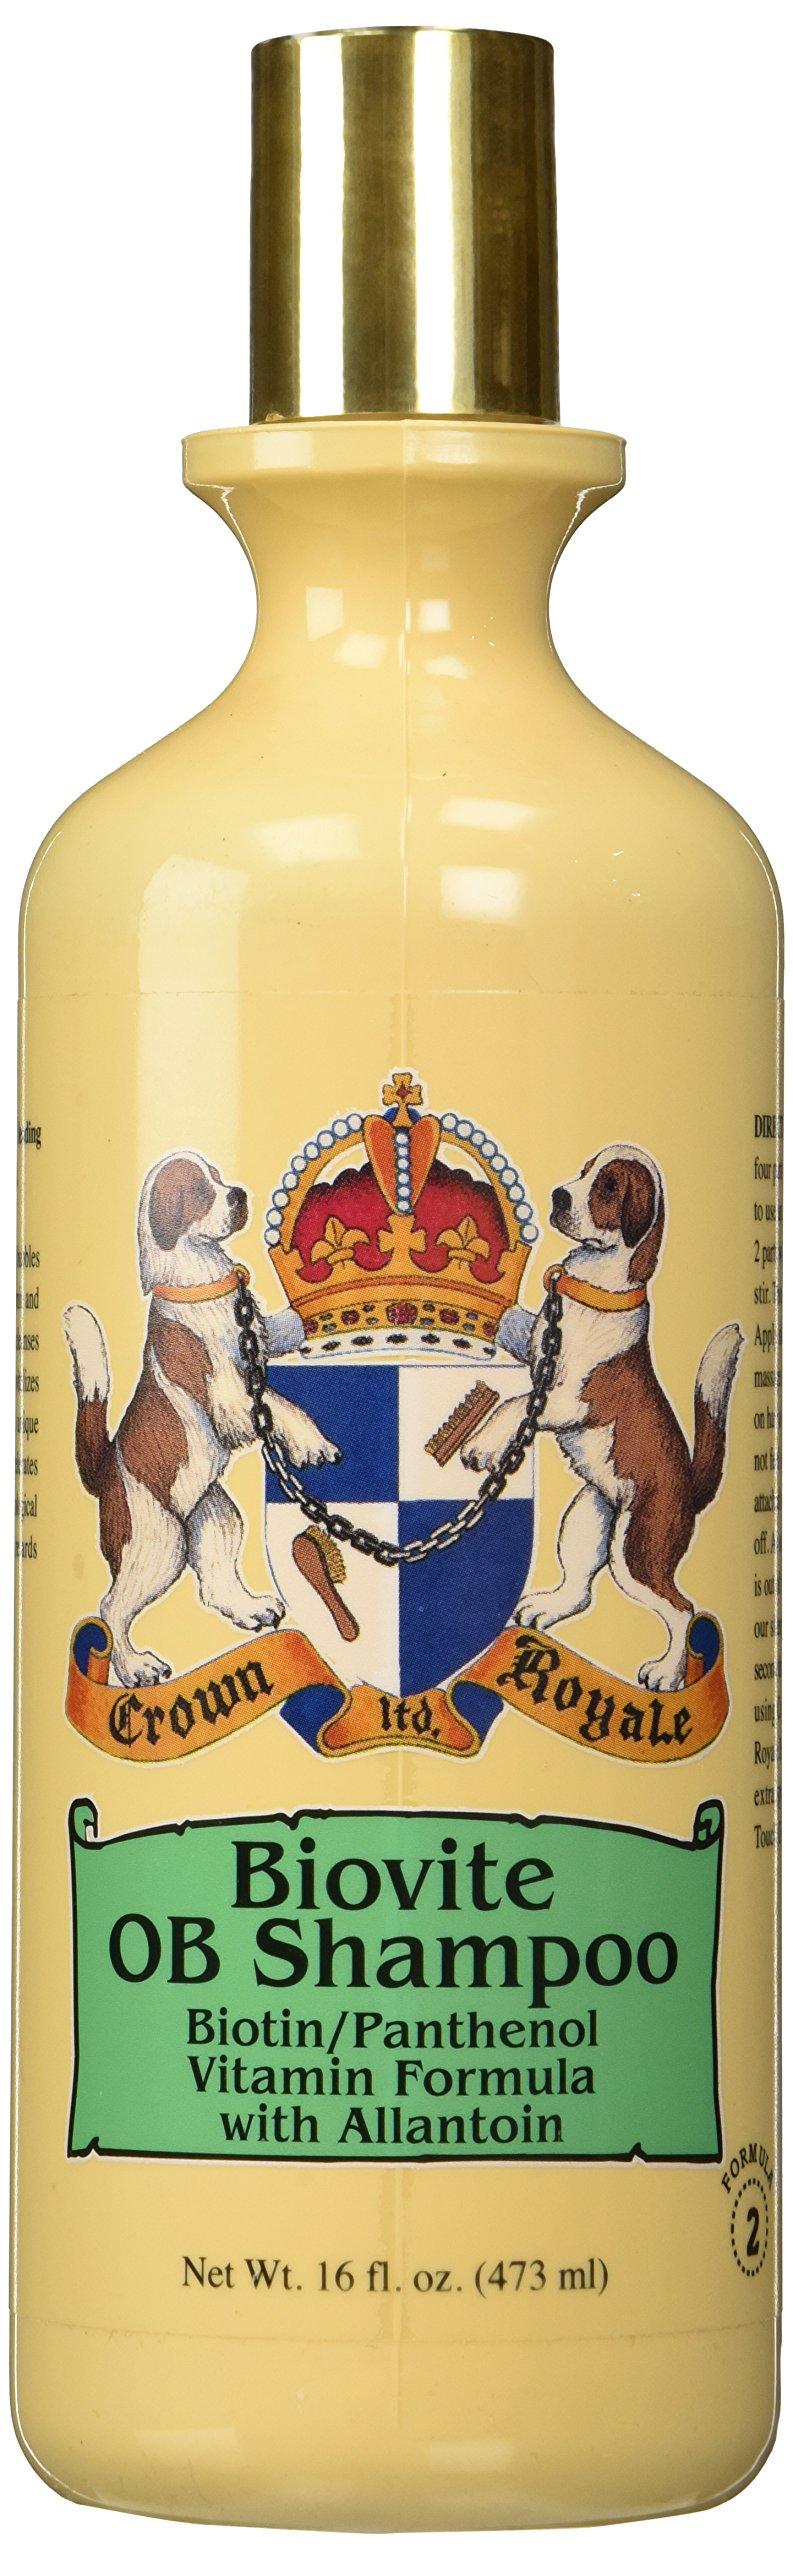 Crown Royale Biovite OB #2 Shampoo 16oz by Crown Royale